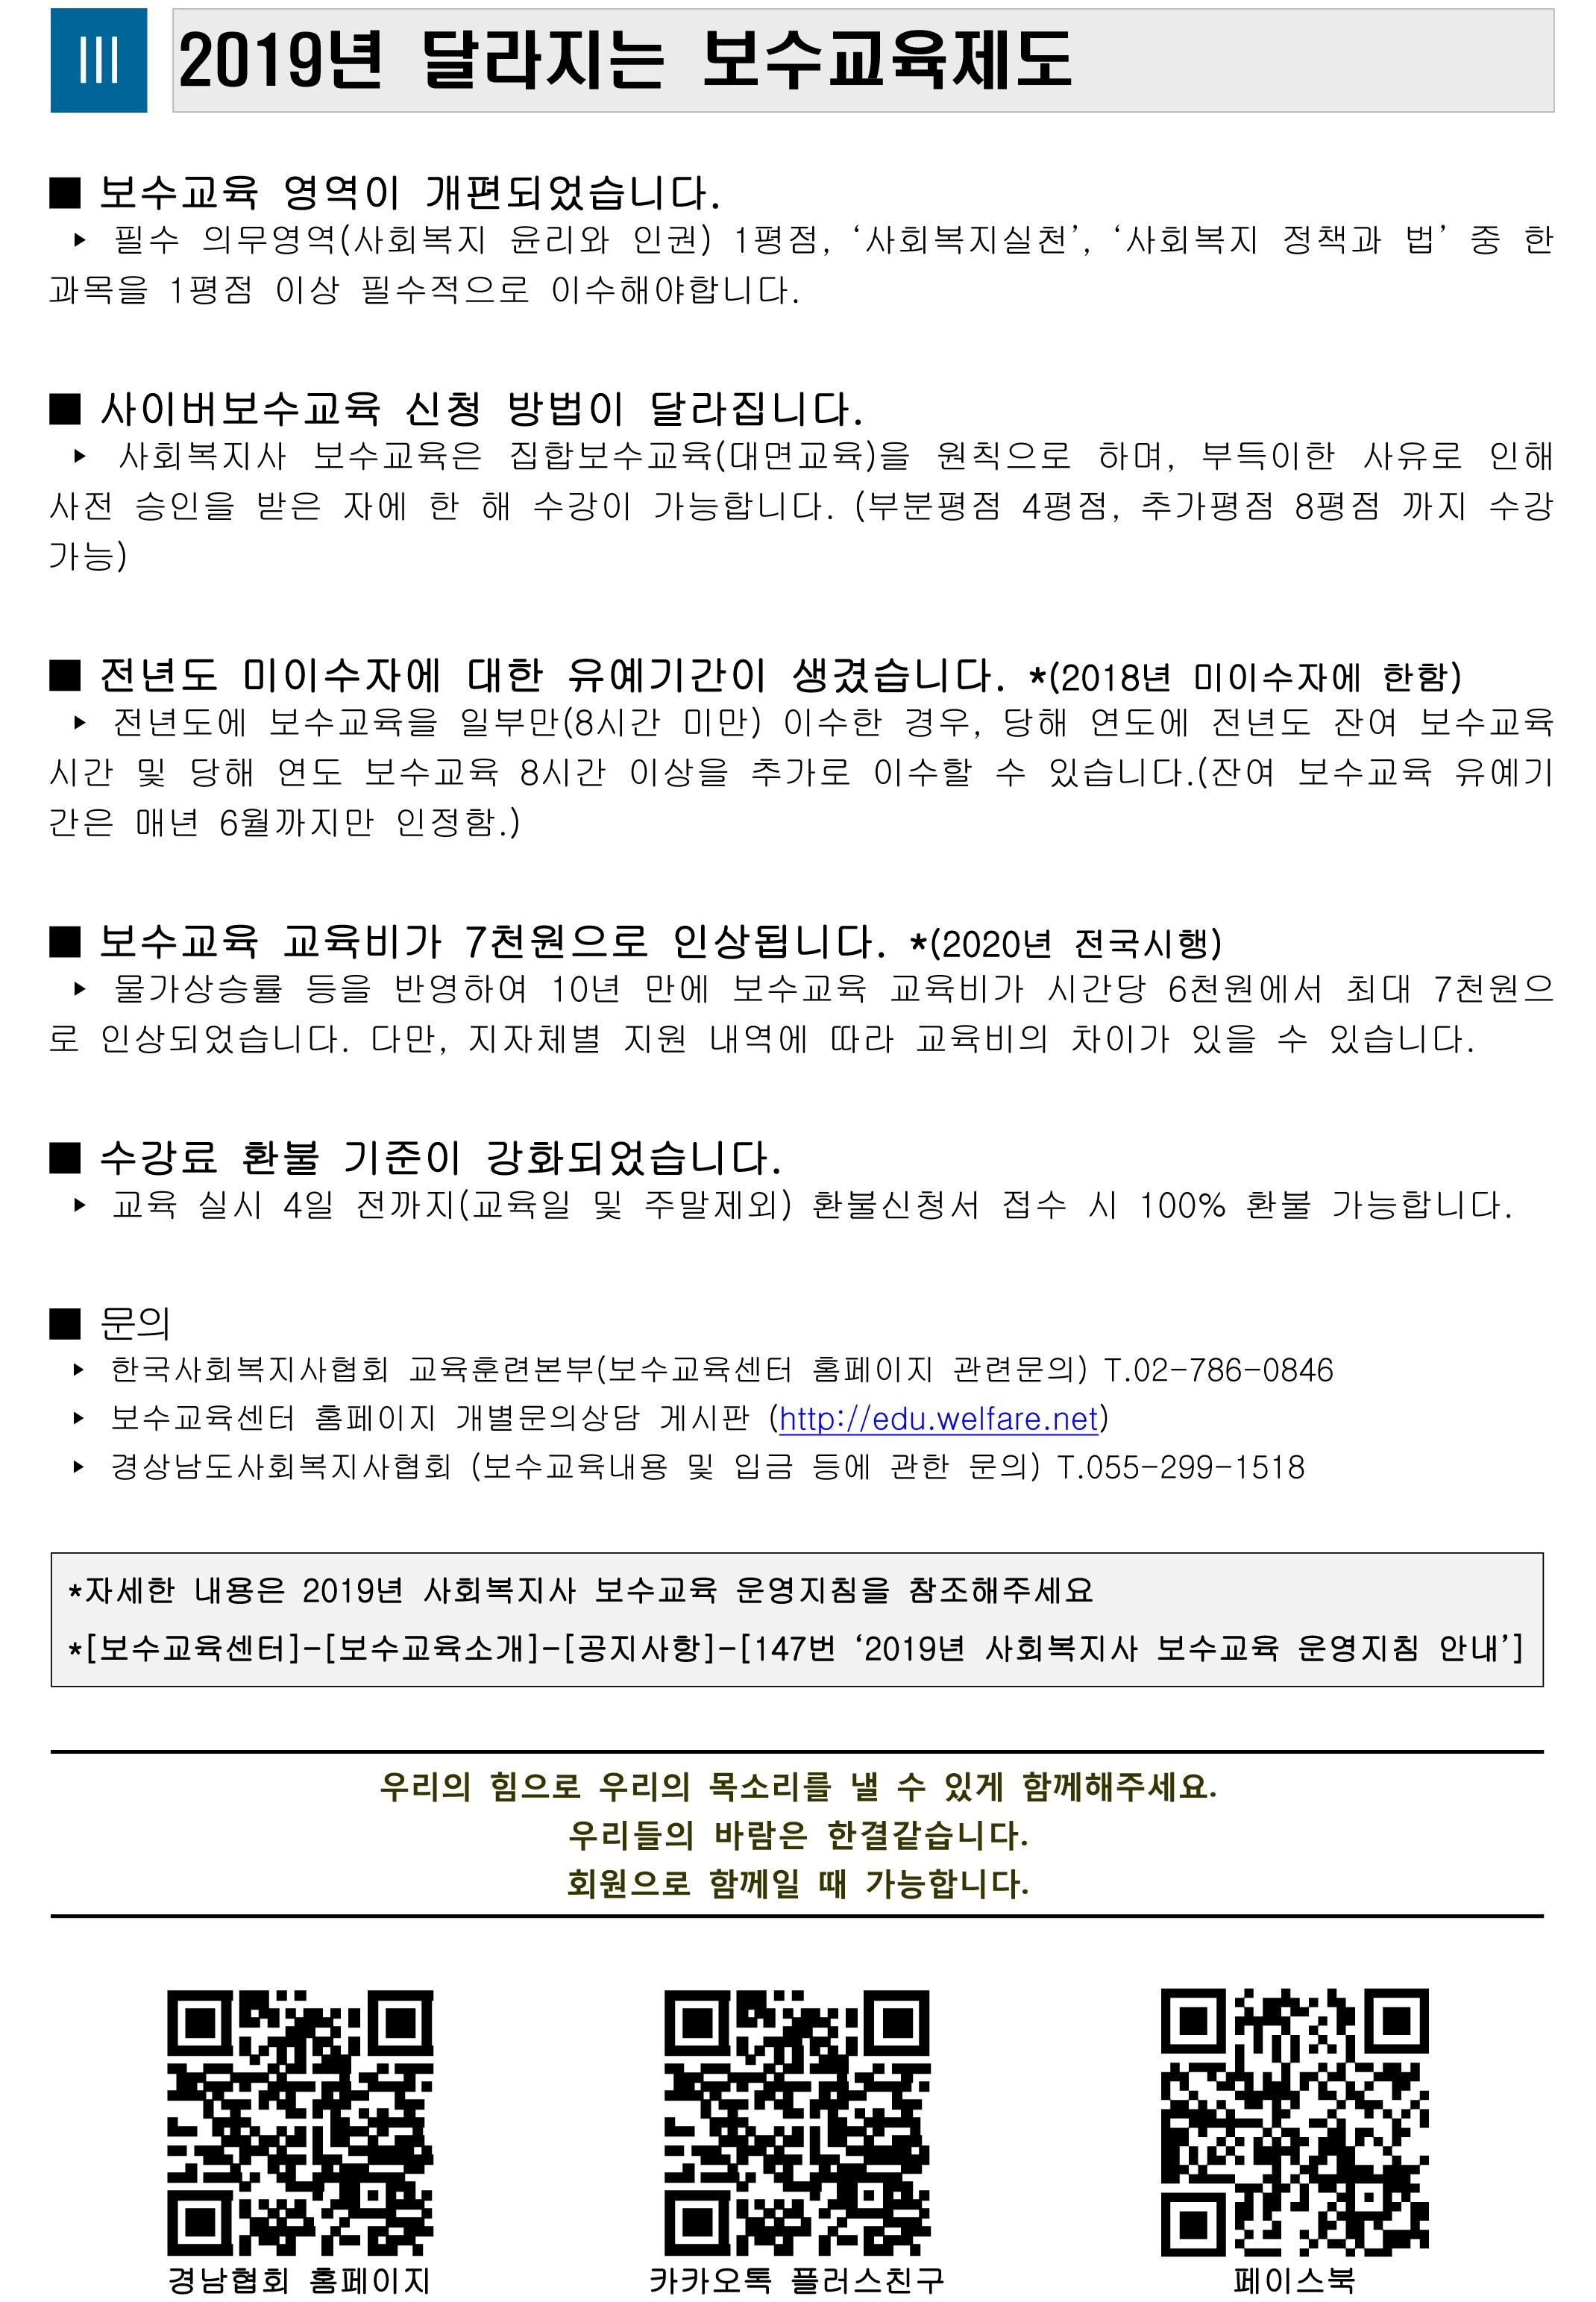 2019년 4분기 사회복지사 보수교육 안내 공문-4.jpg